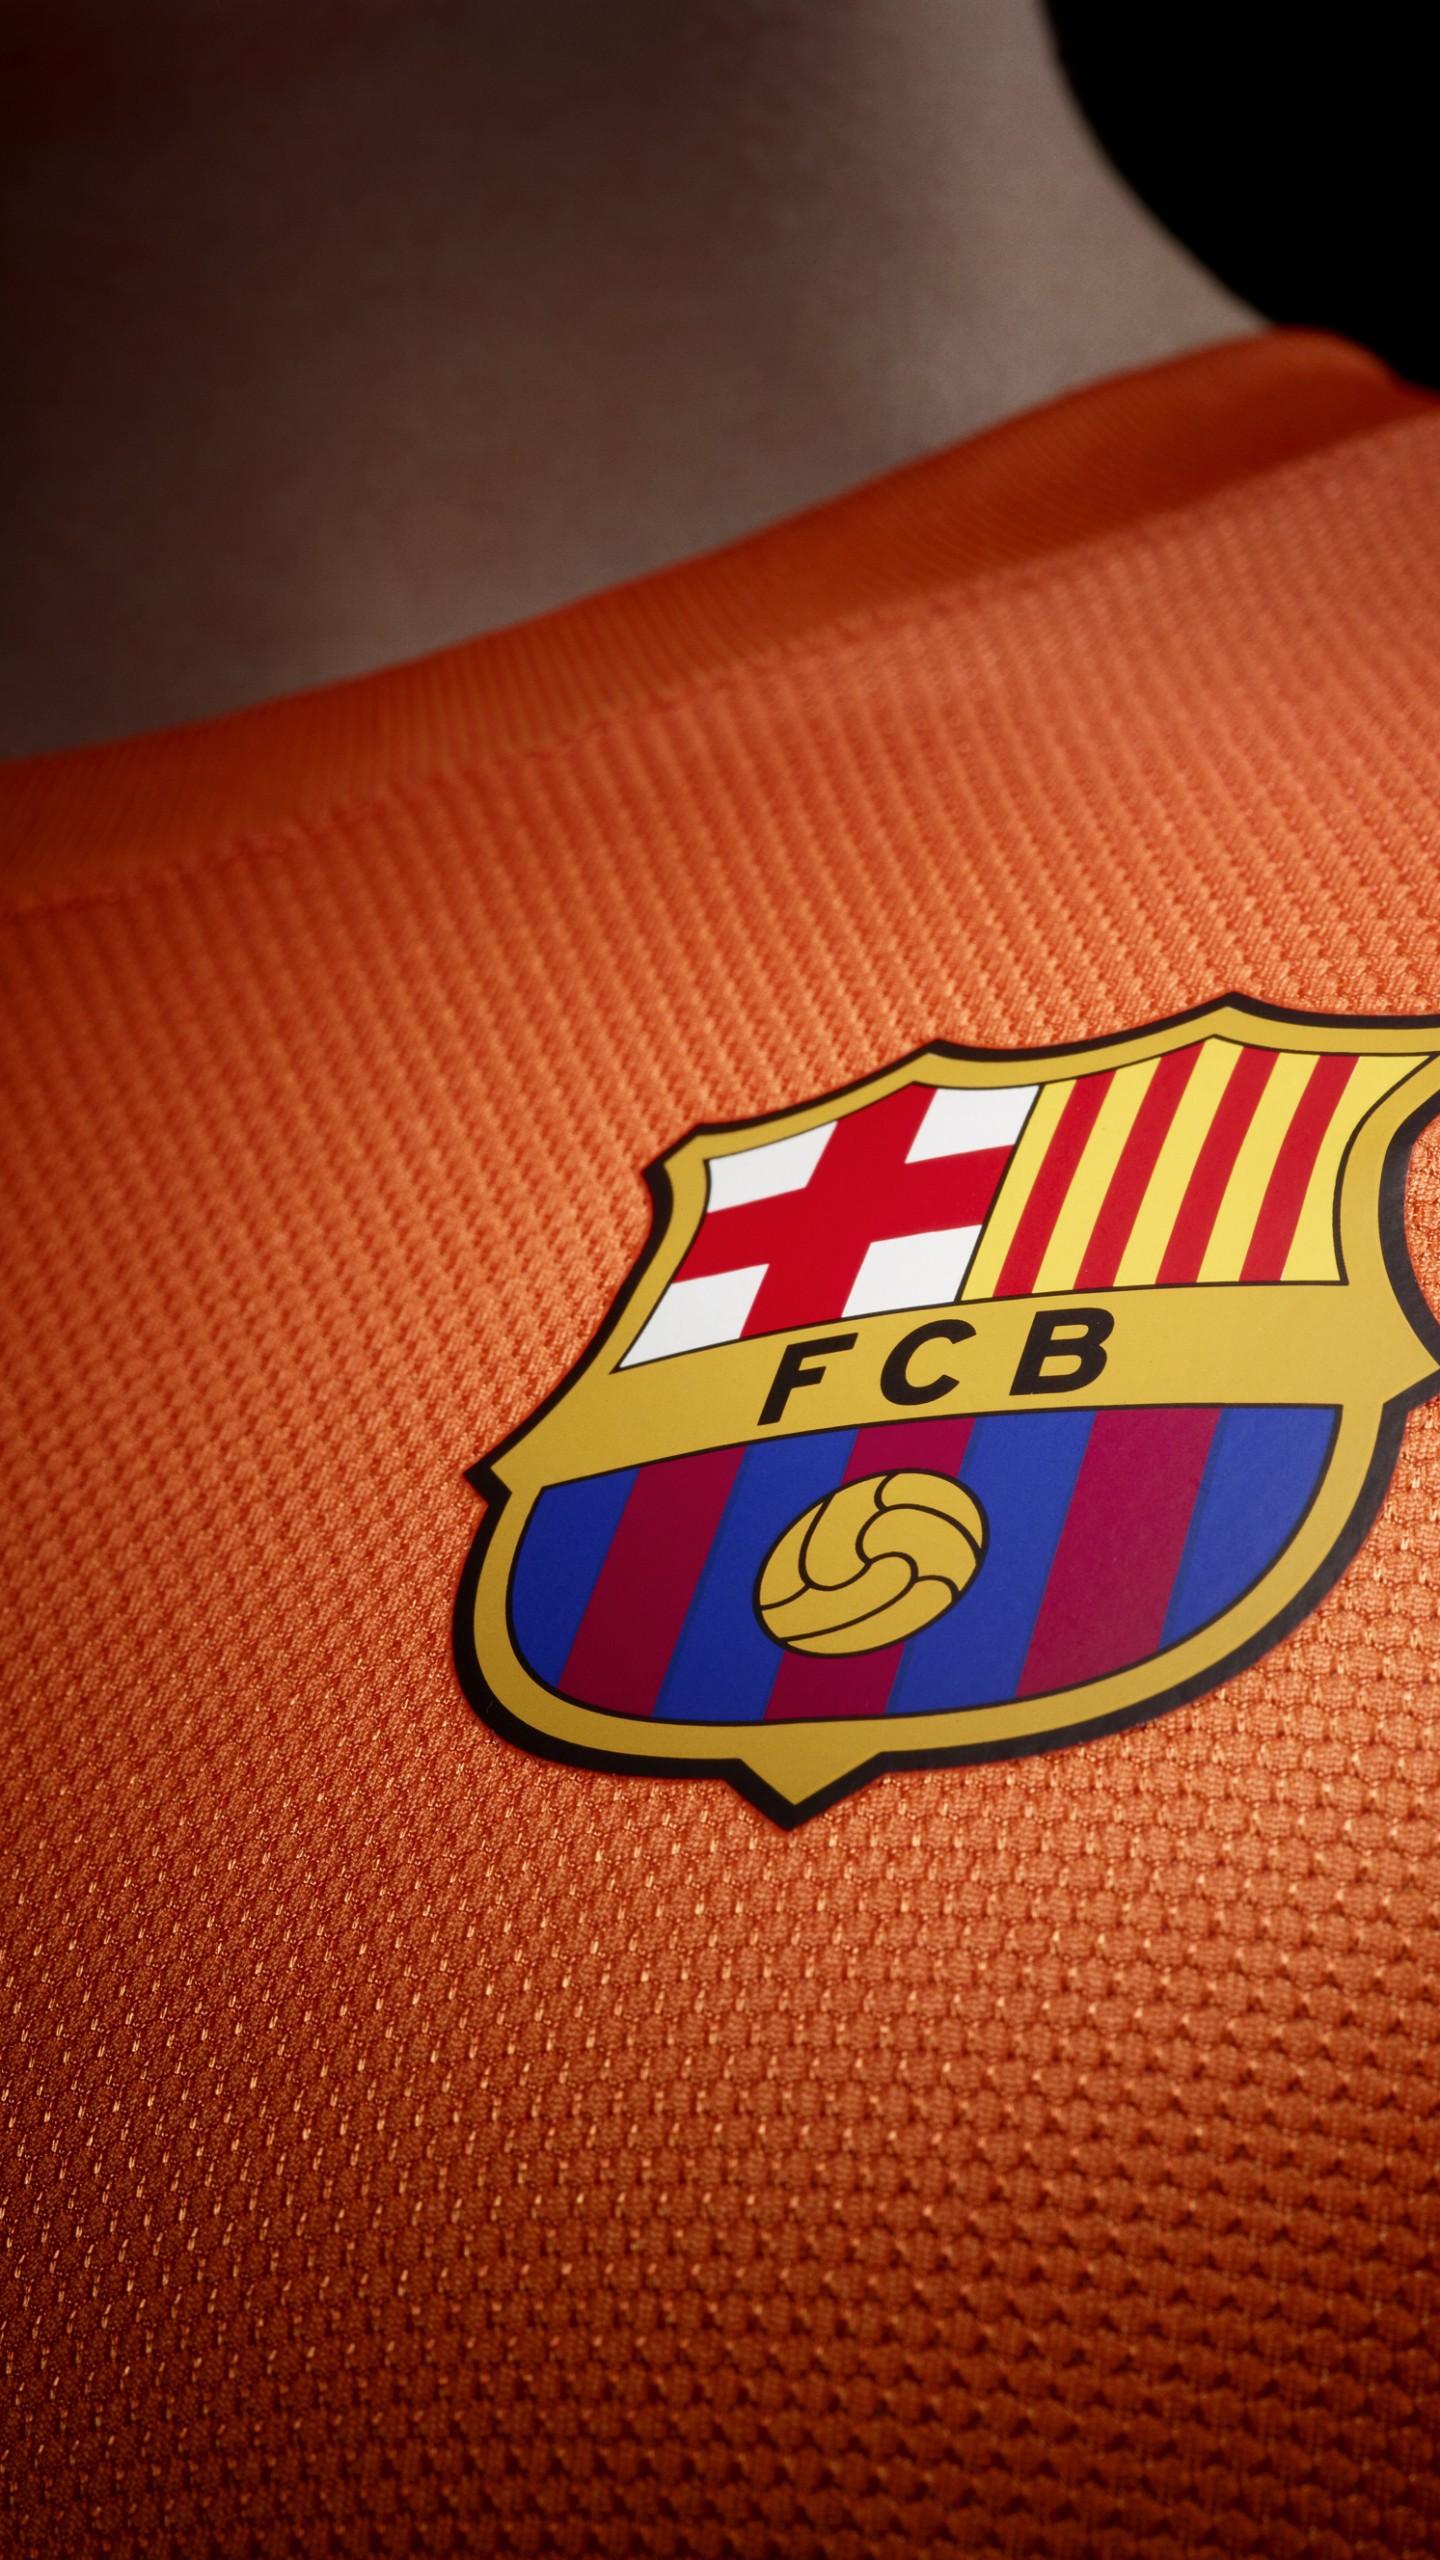 عکس زمینه آرم باشگاه فوتبال FCBبارسلونا پس زمینه